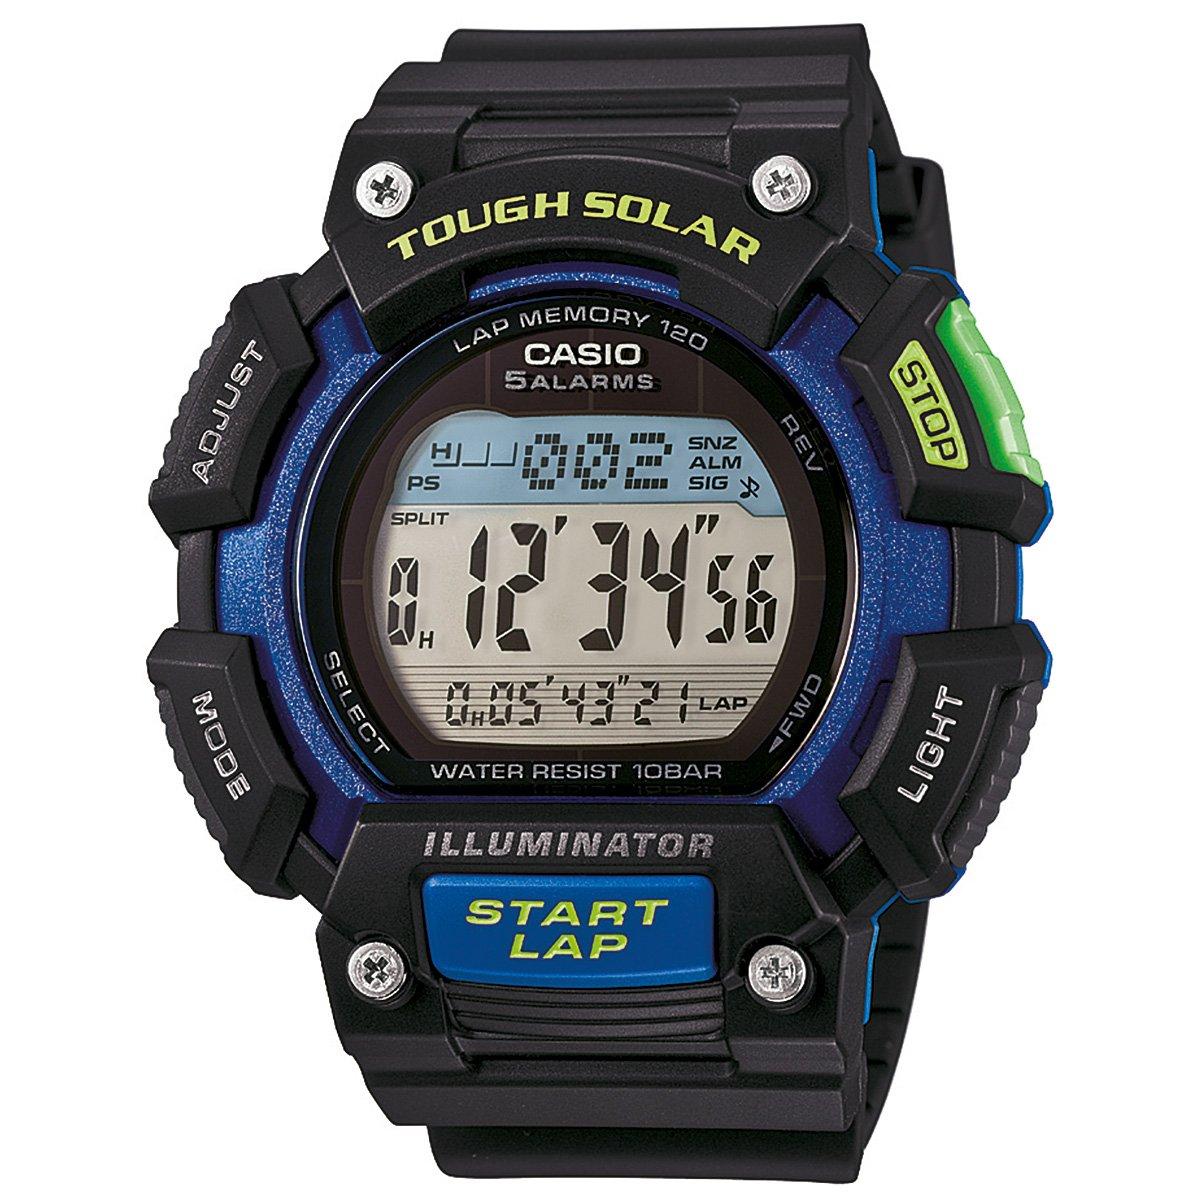 37d98ba7021 Relógio Casio Digital STL-S110H - Compre Agora